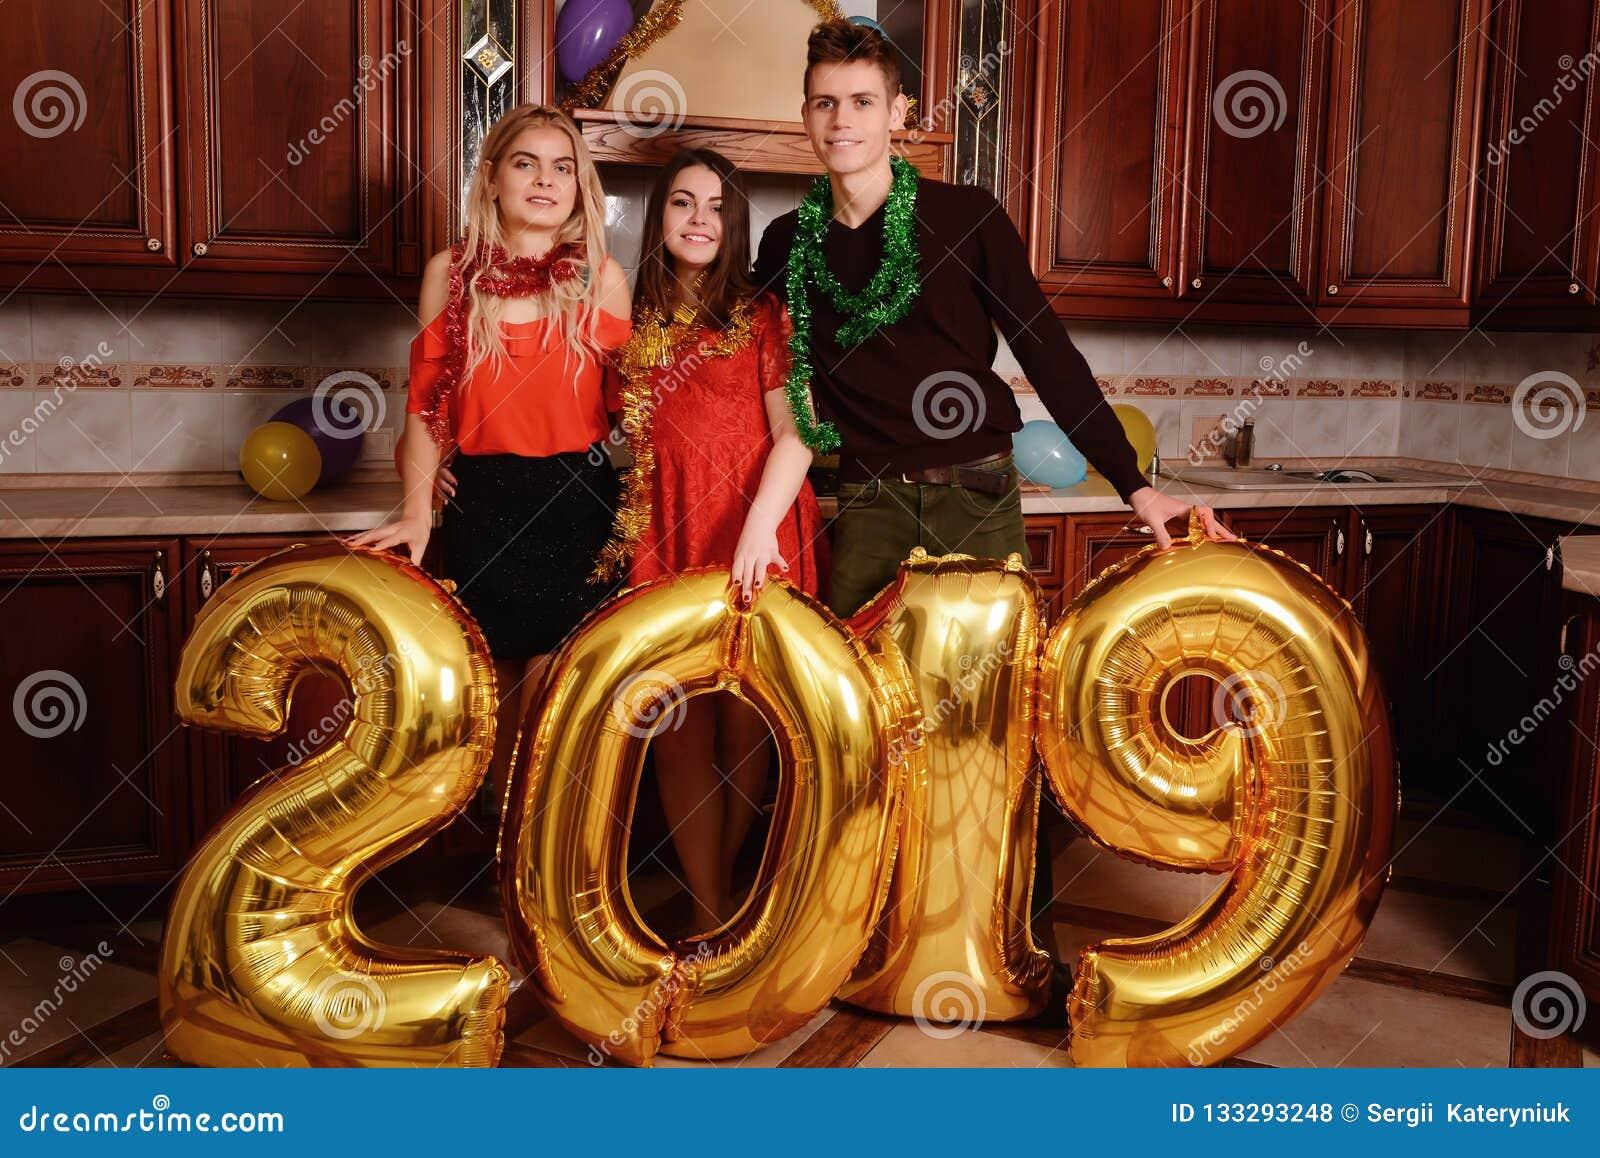 Το νέο έτος του 2019 έρχεται Η ομάδα εύθυμων νέων που φέρνουν τους χρυσούς χρωματισμένους αριθμούς και έχει τη διασκέδαση στο κόμ